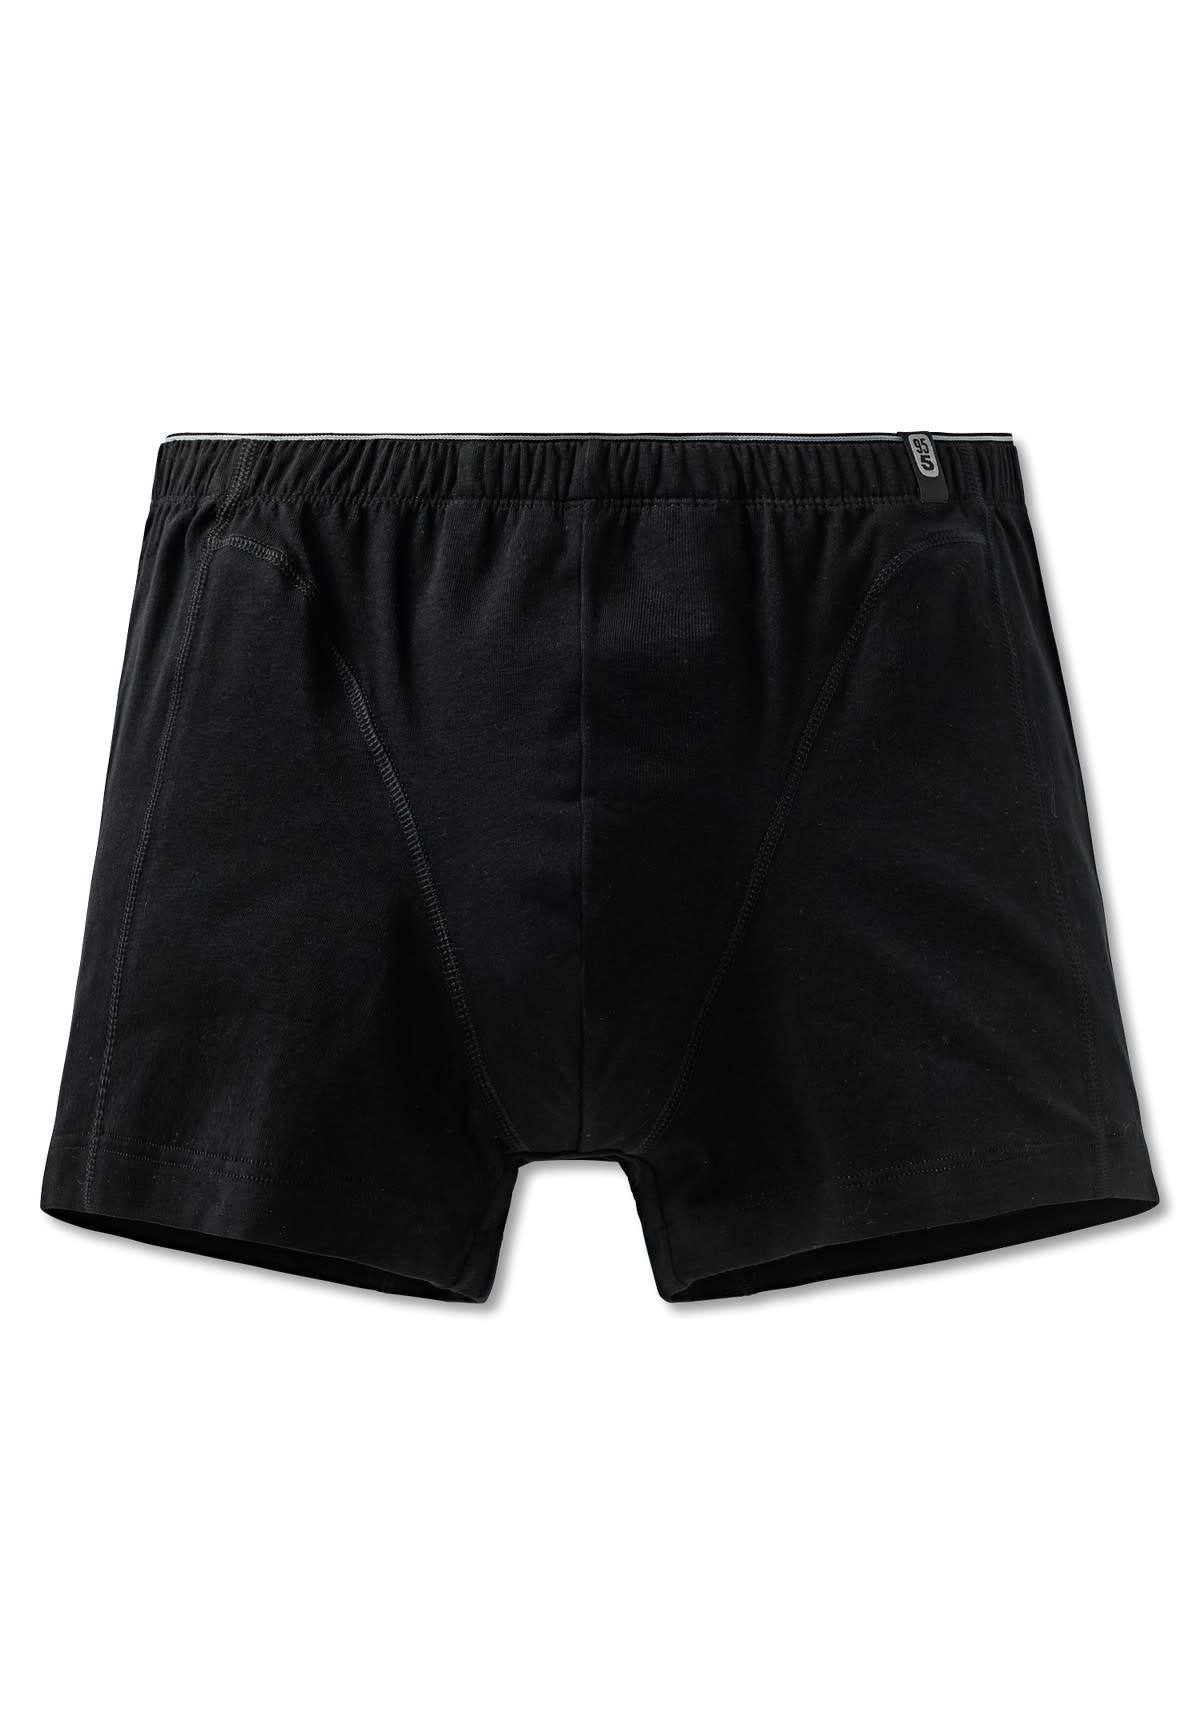 Short 95/5 205424 - zwart-3